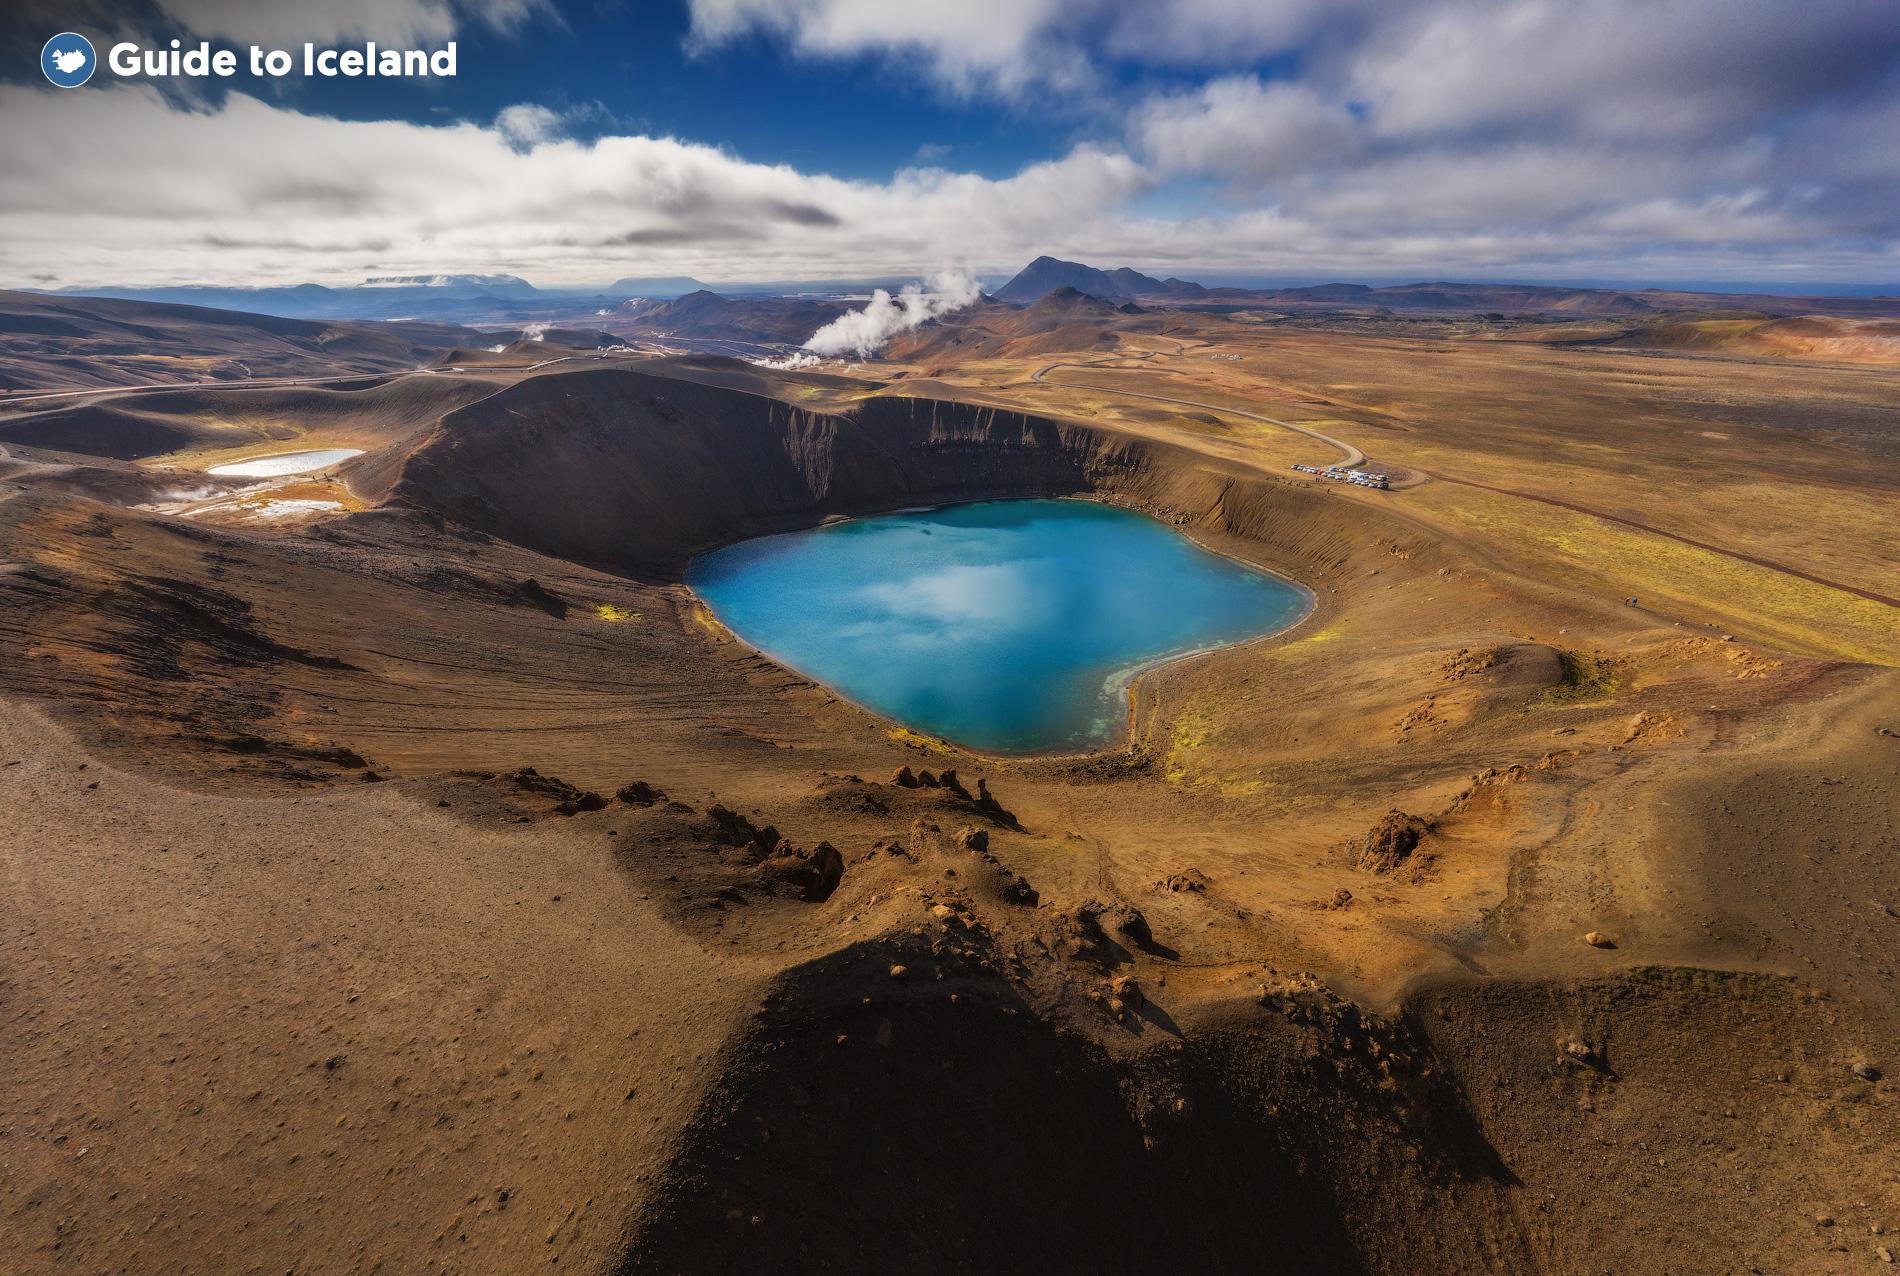 9-dniowa, samodzielna wycieczka organizowana latem po całej obwodnicy Islandii ze szczególnym uwzględnieniem południowego wybrzeża - day 4